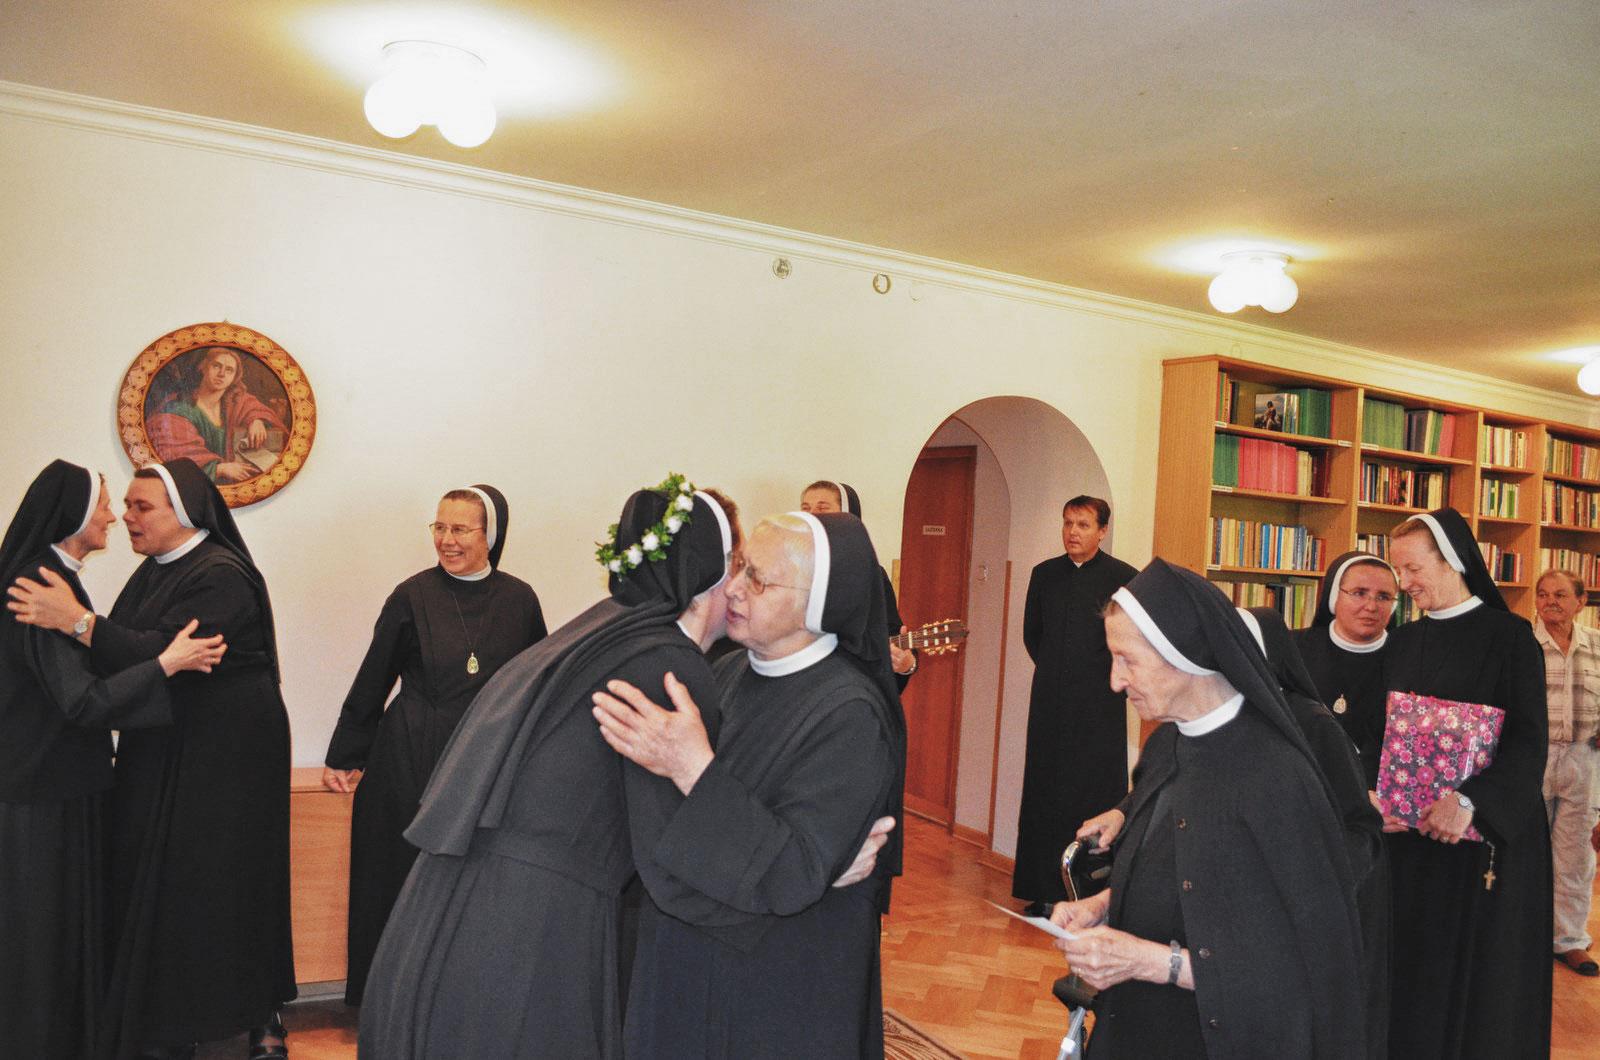 Sióstr_św_Elżbiety-Pierwsze_Śluby_fotorelacja-I-SLUBY-DSC_0616-min.jpg